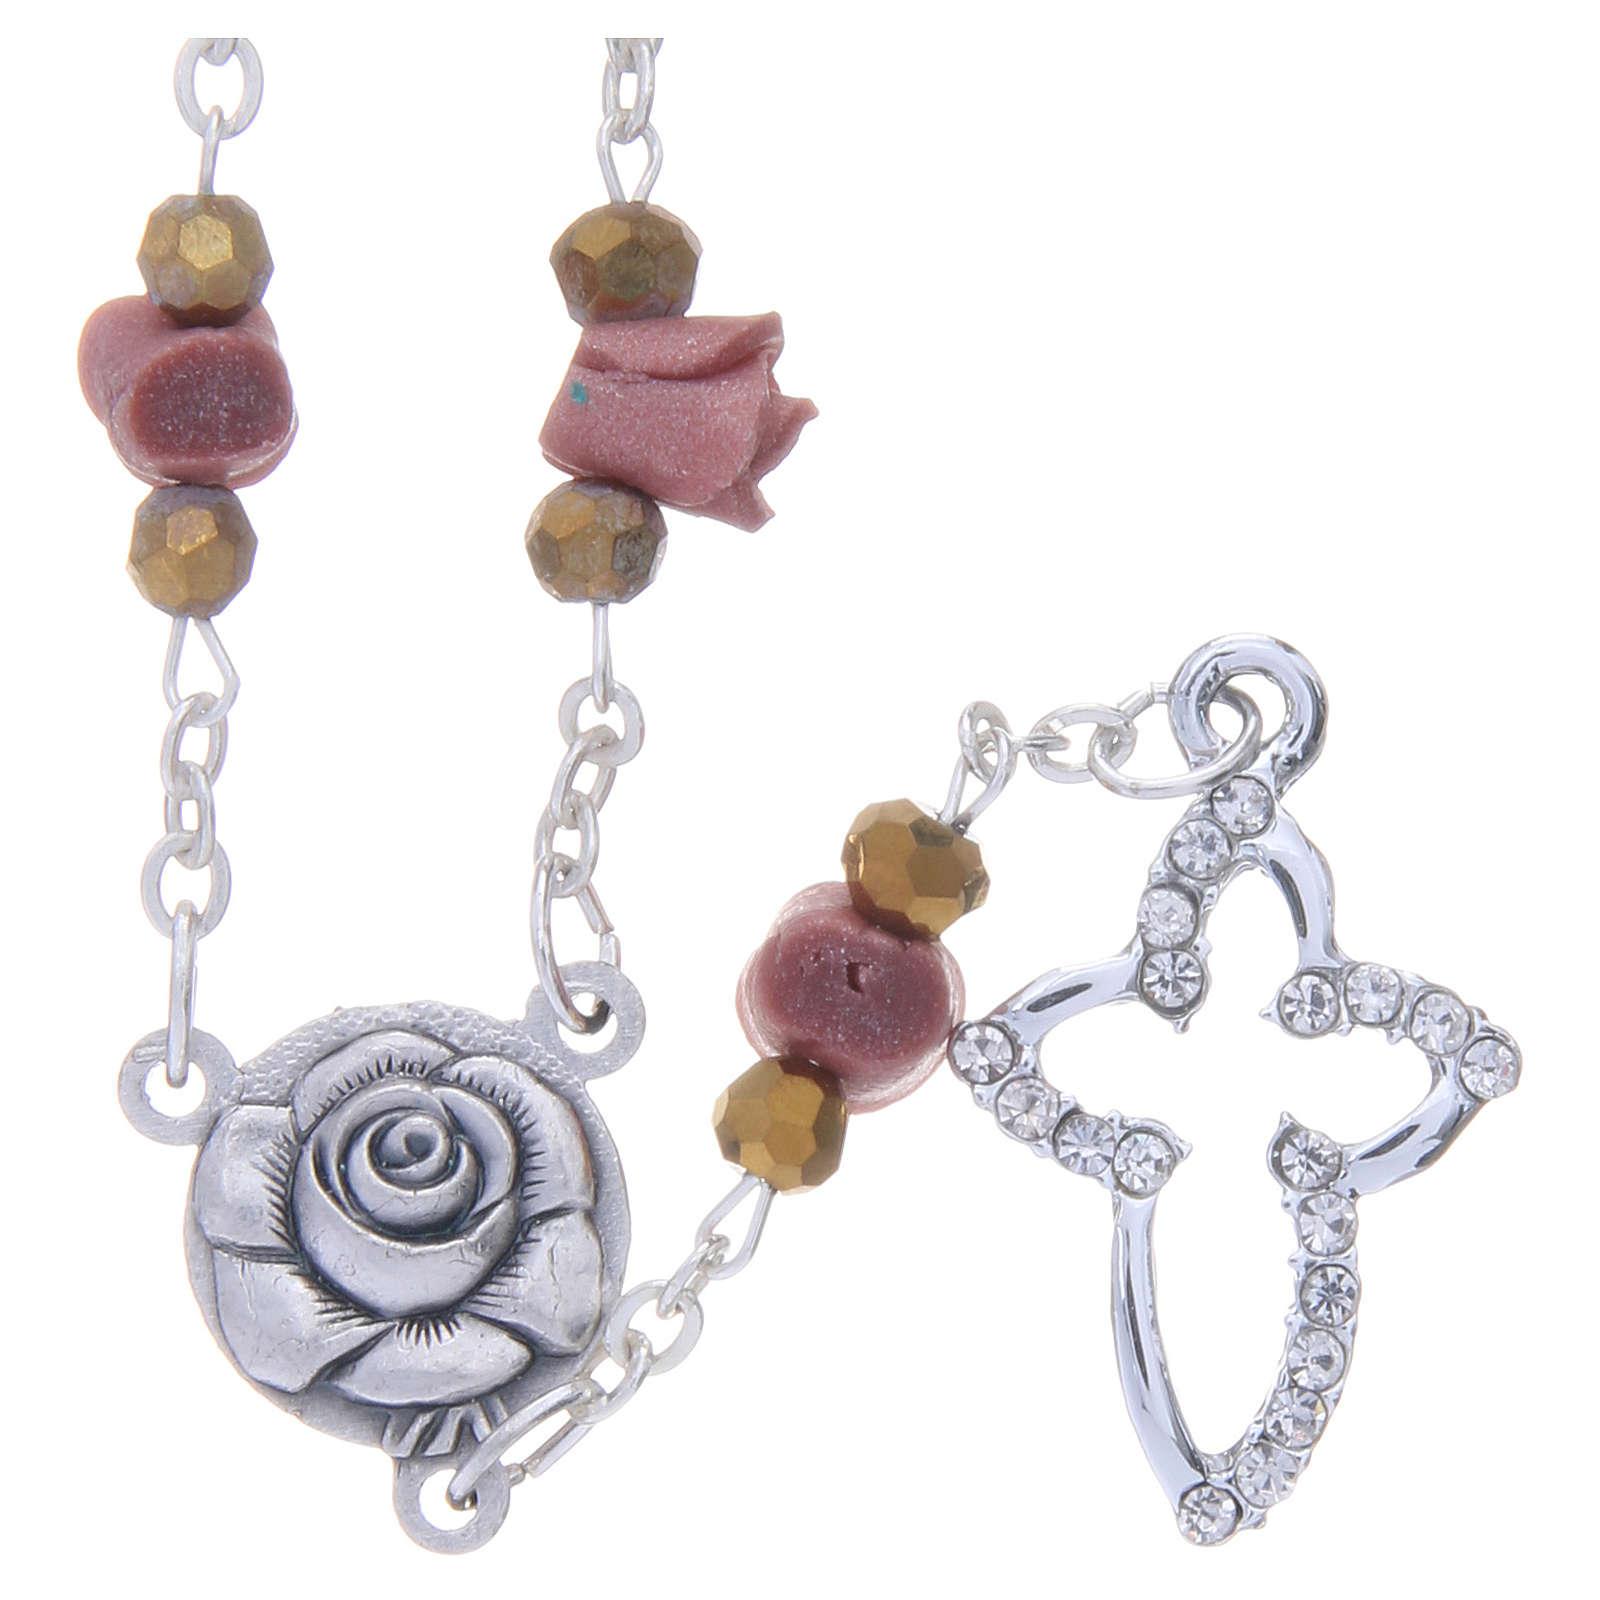 Collana rosario Medjugorje rose ceramica color castagno 4